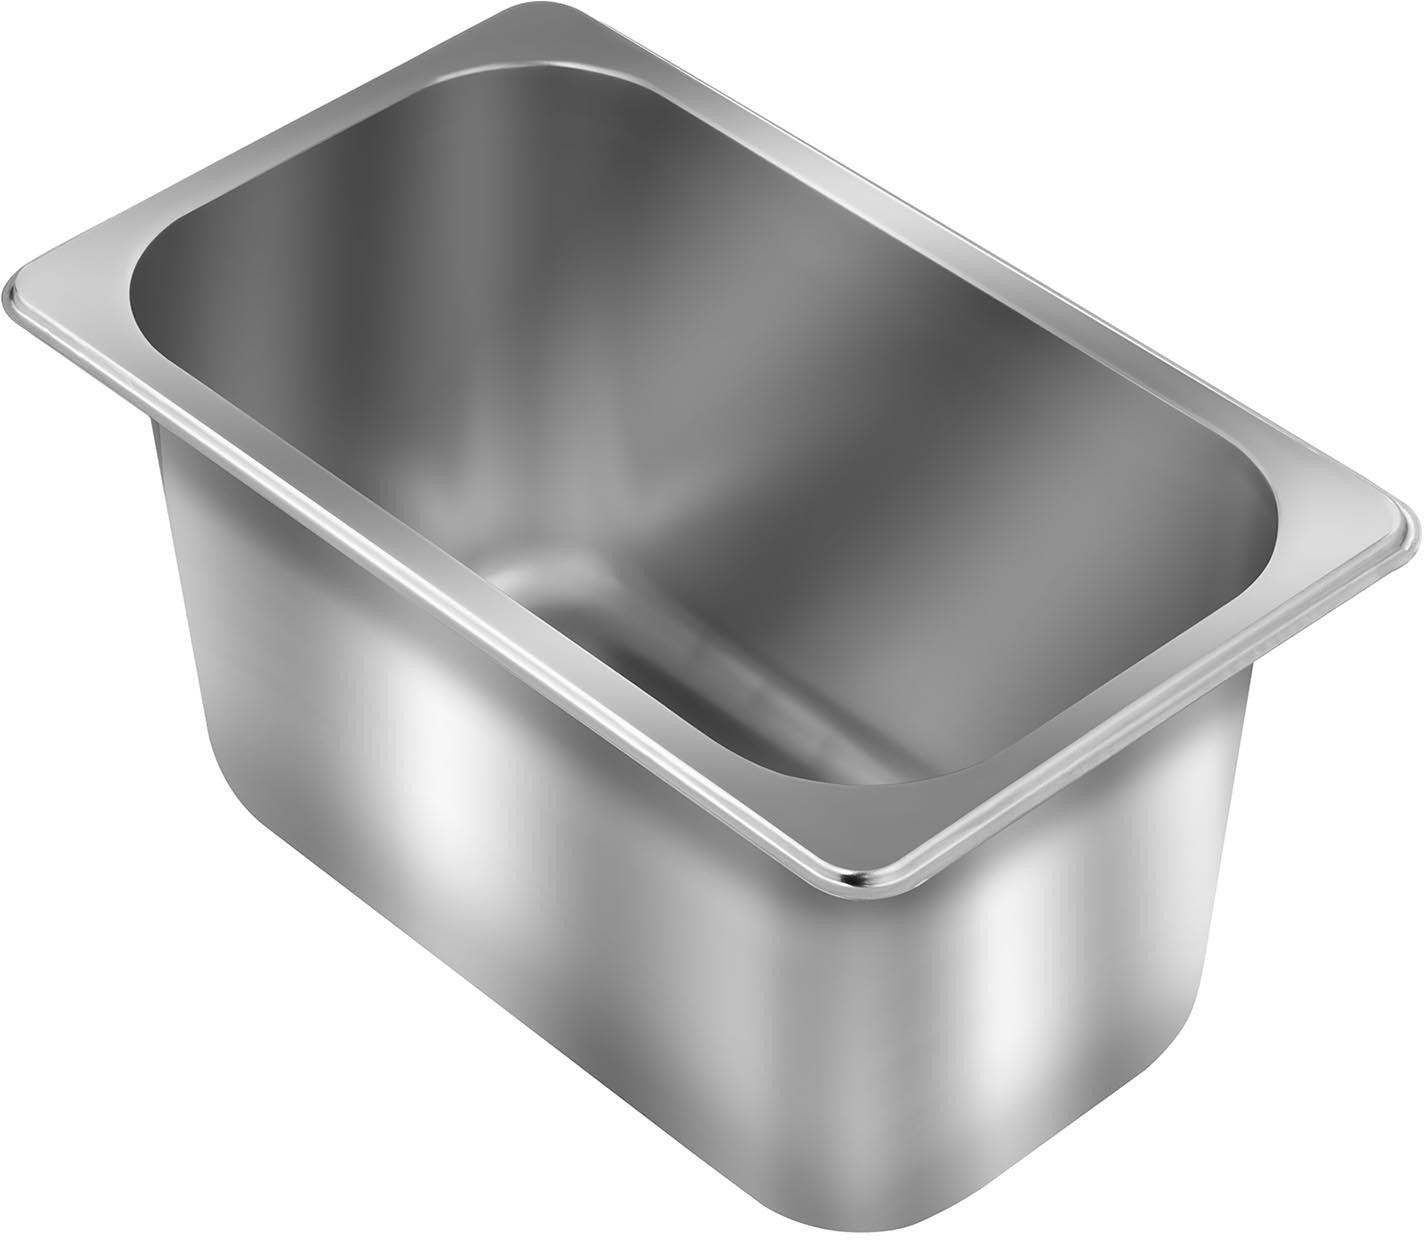 Pojemnik gastronomiczny - GN 1/4 - stal nierdzewna - Royal Catering - RCGN-1/4-1 - 3 lata gwarancji/wysyłka w 24h